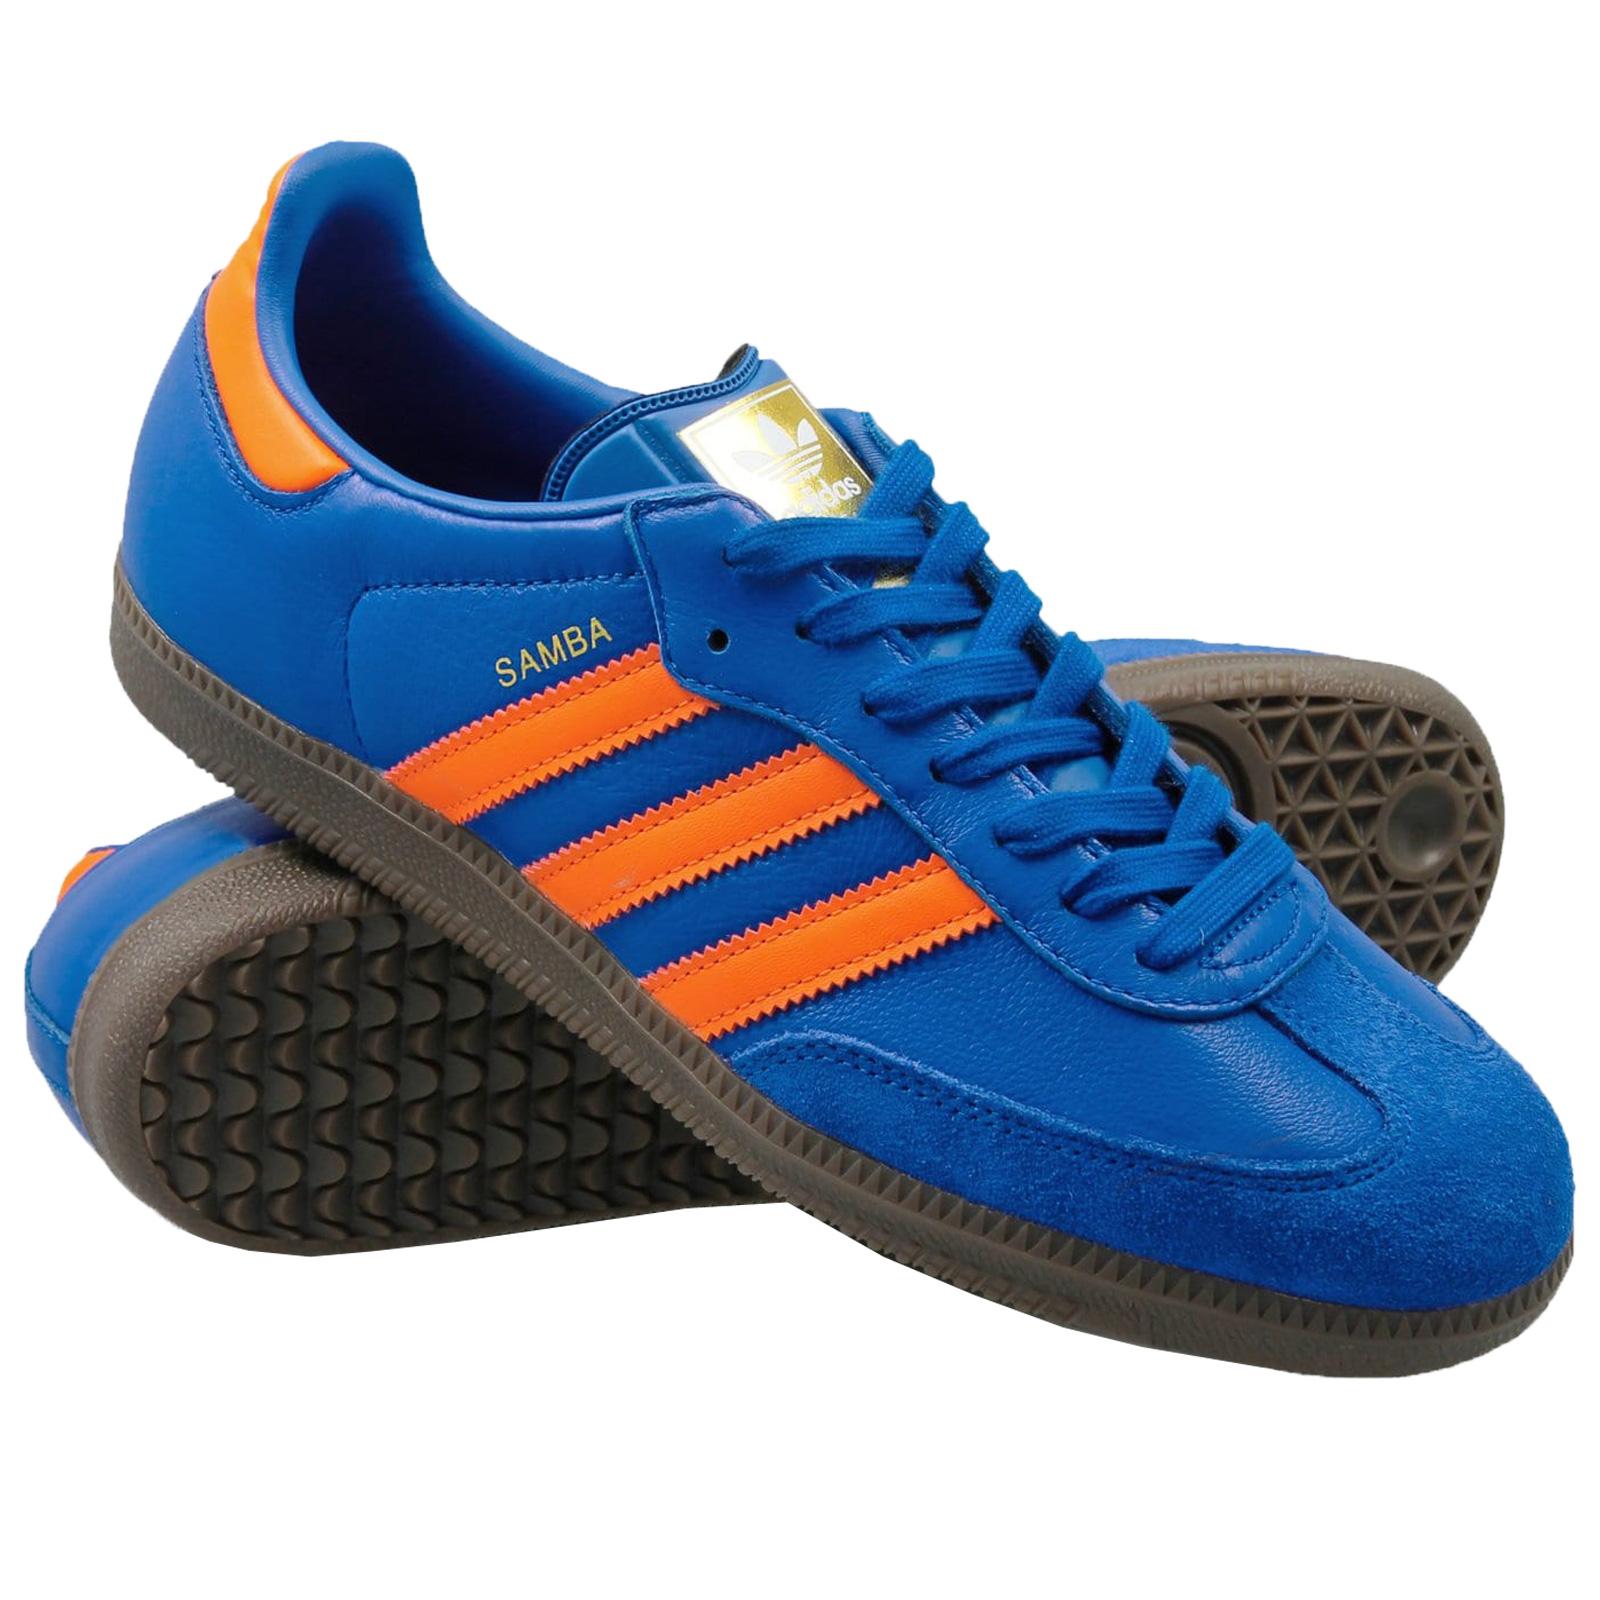 adidas Originals Samba Damen Herren Sneaker CQ2150 Leder Turnschuhe Blau  Orange